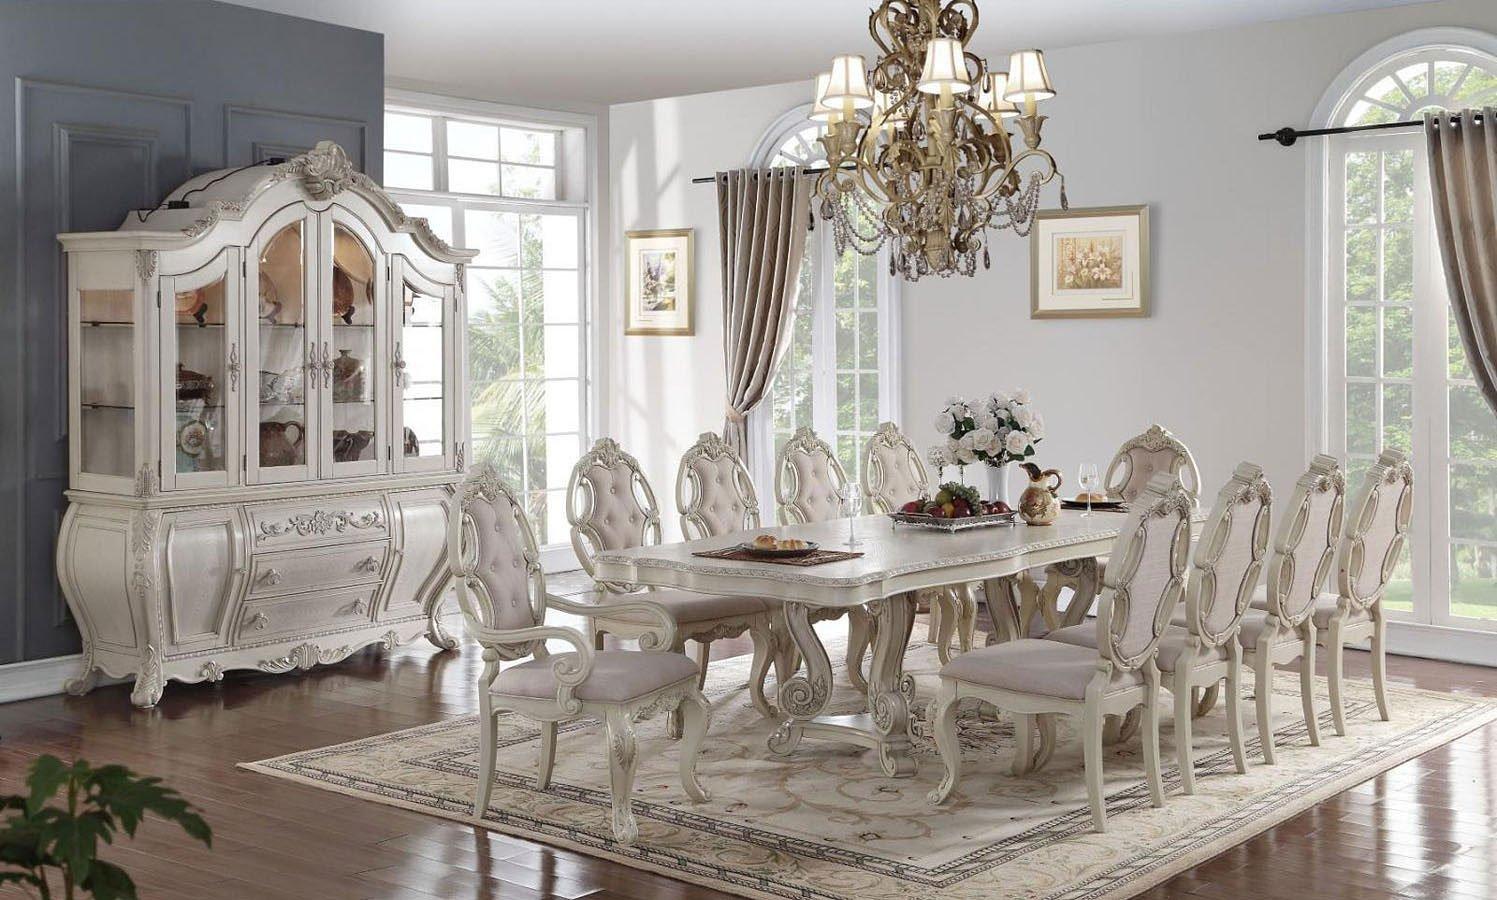 Ragenardus Dining Room Set (Antique White)